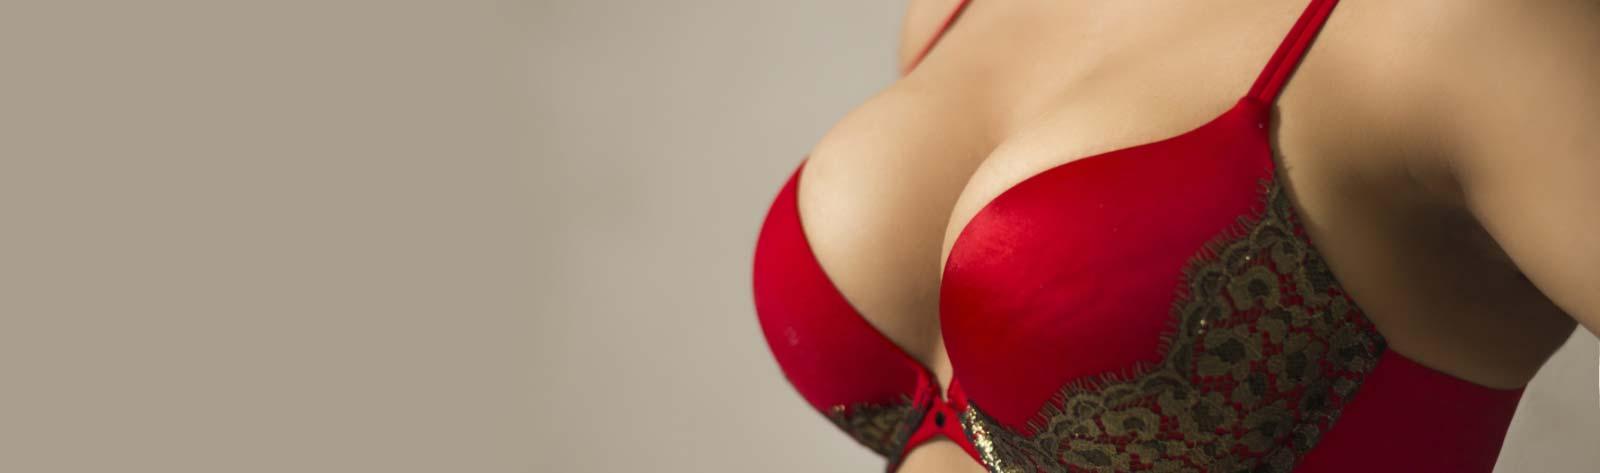 Kilka faktów na temat gładkich implantów piersi